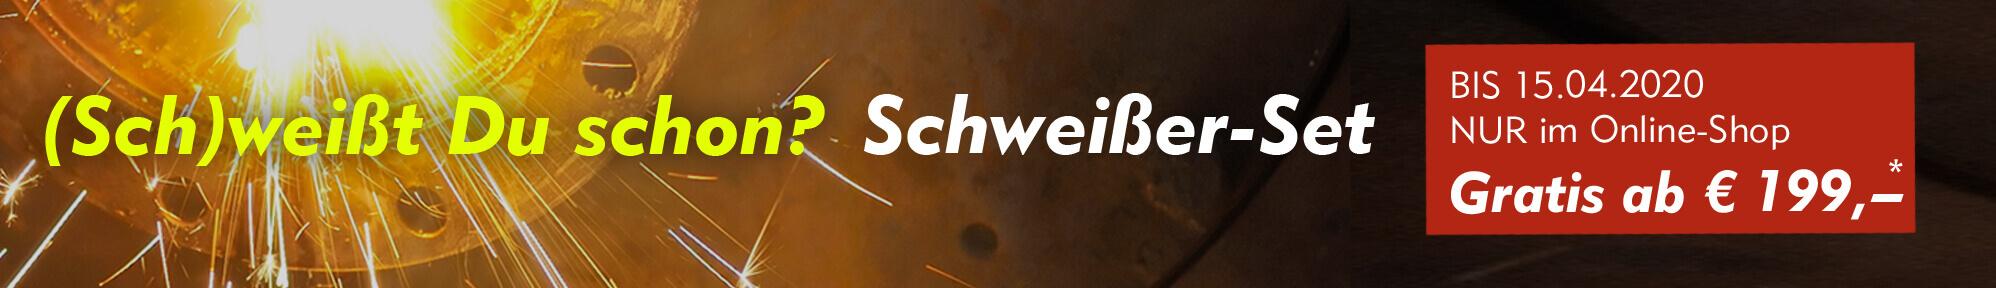 Schweissen-Set-WebbannerProduktseite